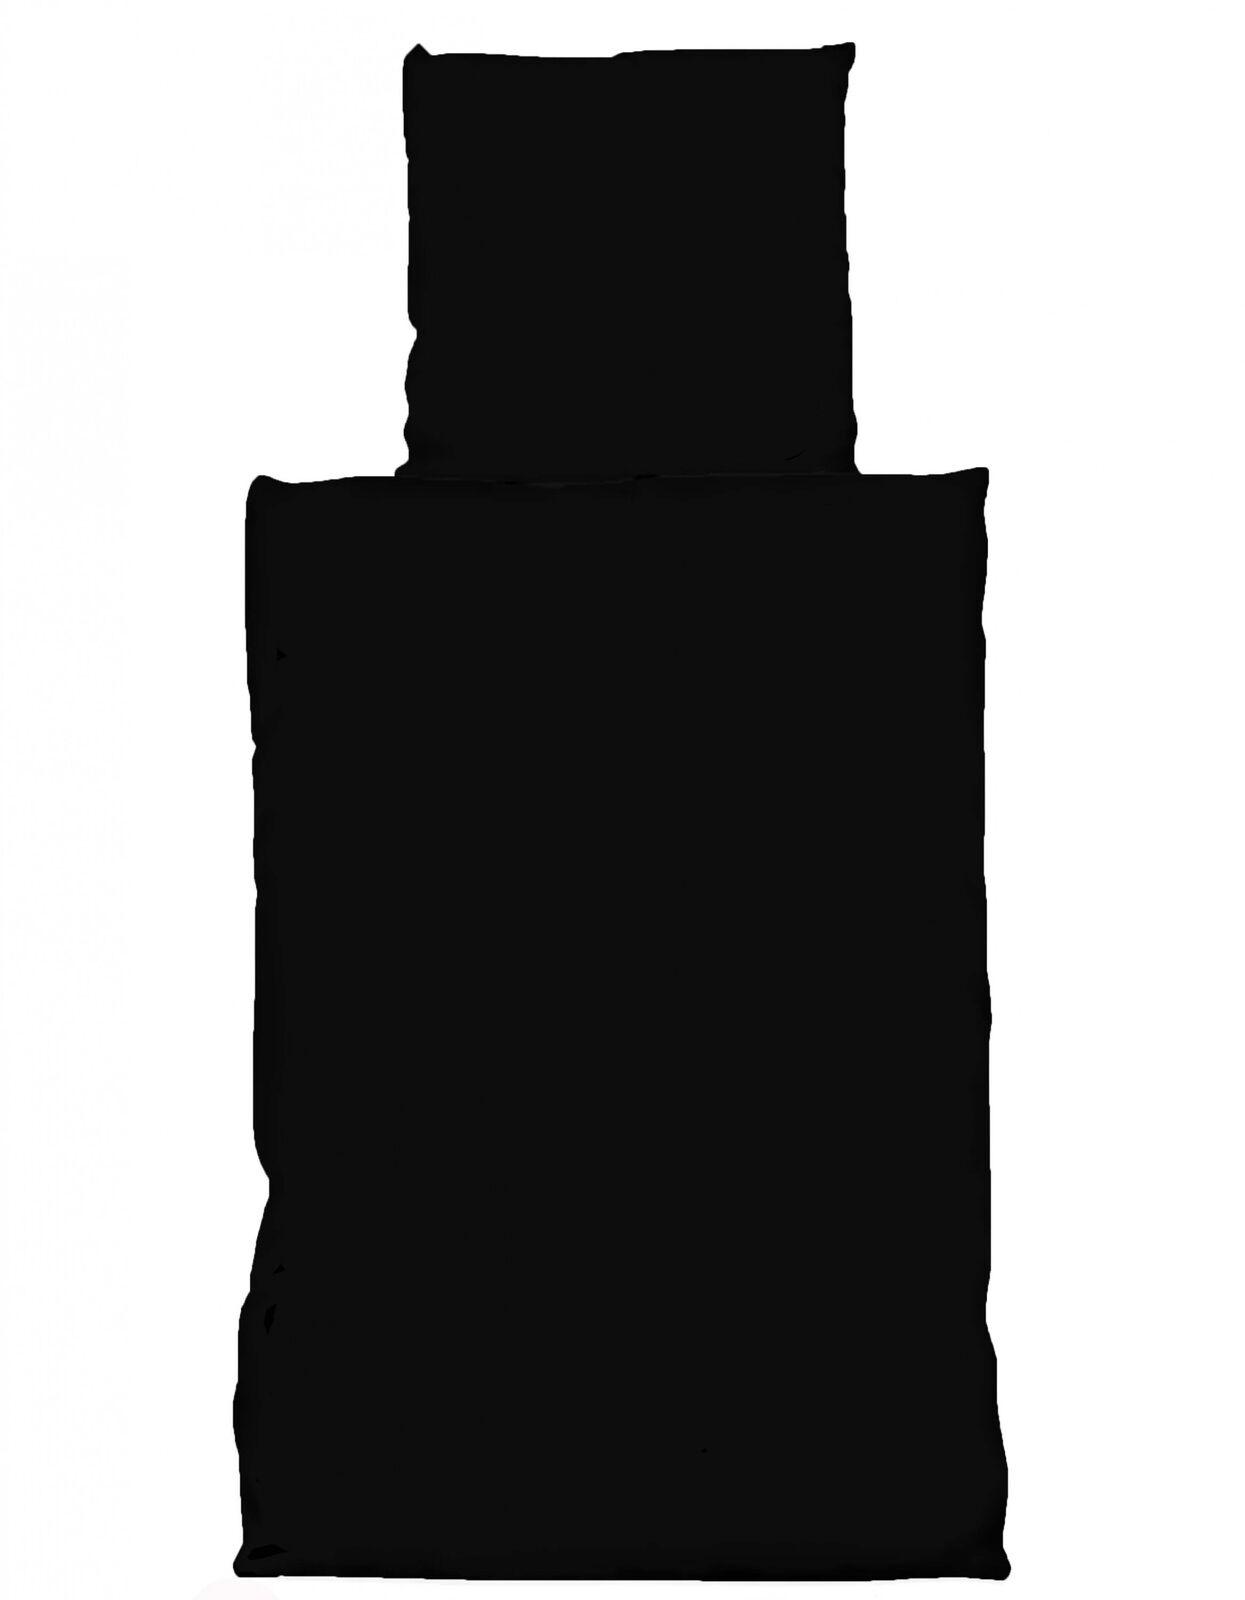 4 tlg Bettwäsche 135 x 200 cm Uni schwarz 2 Garnituren Microfaser